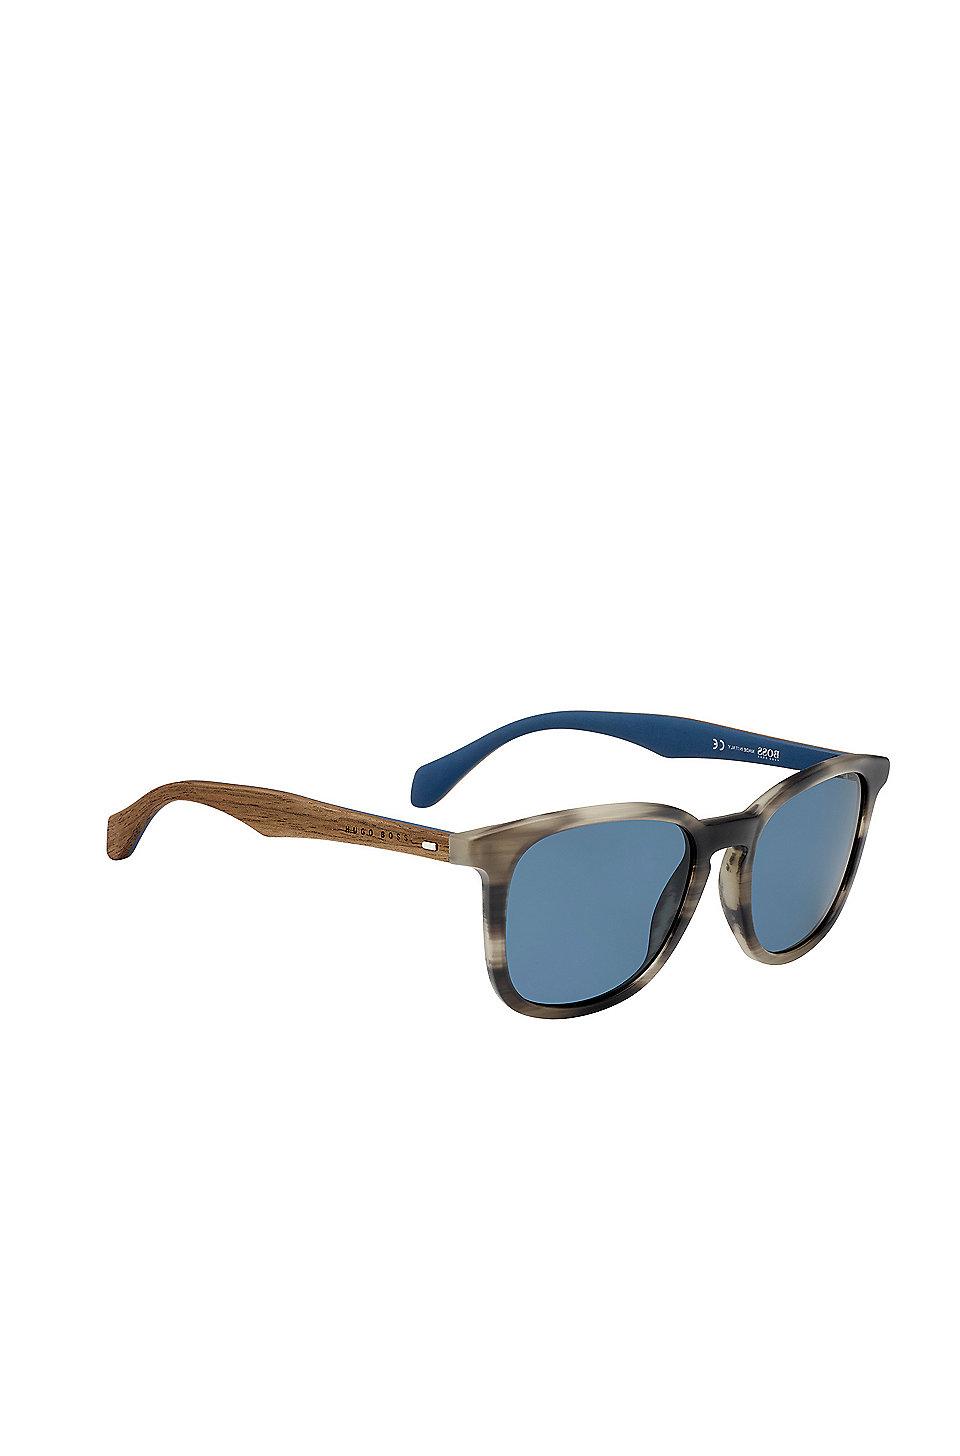 Sonnenbrille mit gemusterter Vollrandfassung und Holzbügeln: 'BOSS 0843/S' 6y6JrPsPX